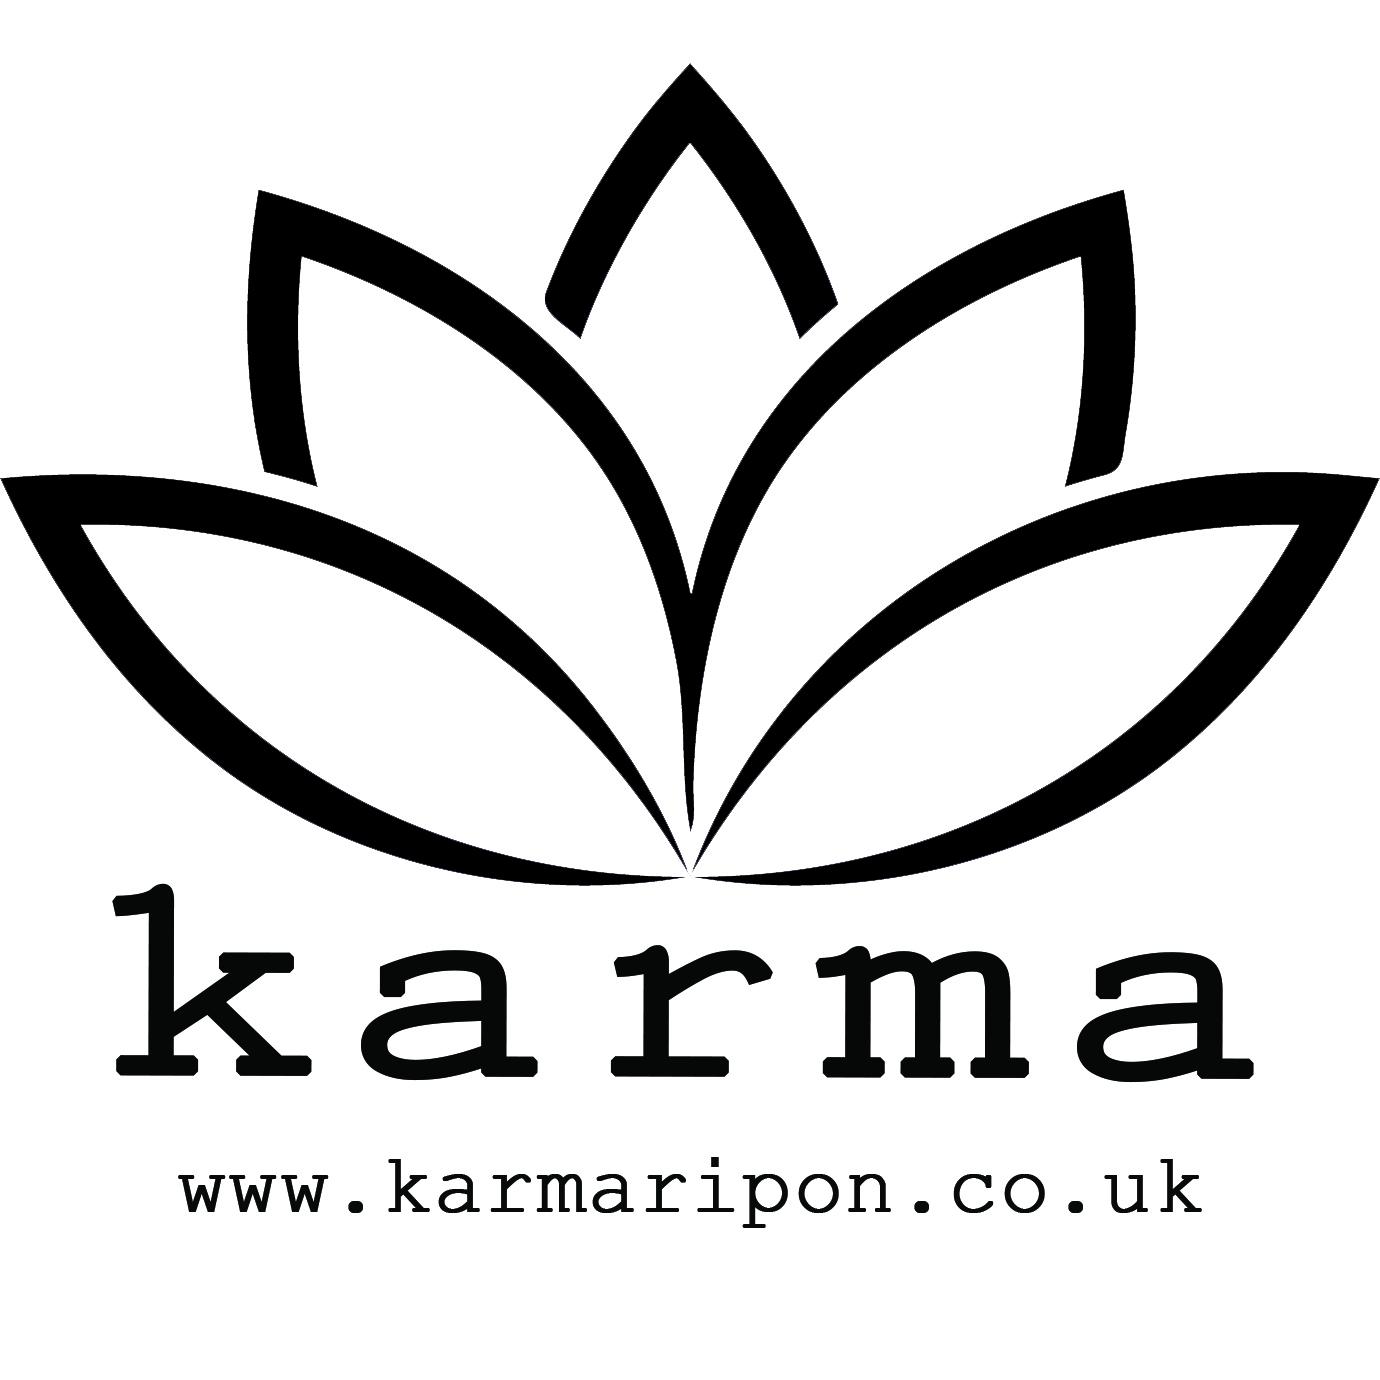 https://www.karmaripon.co.uk